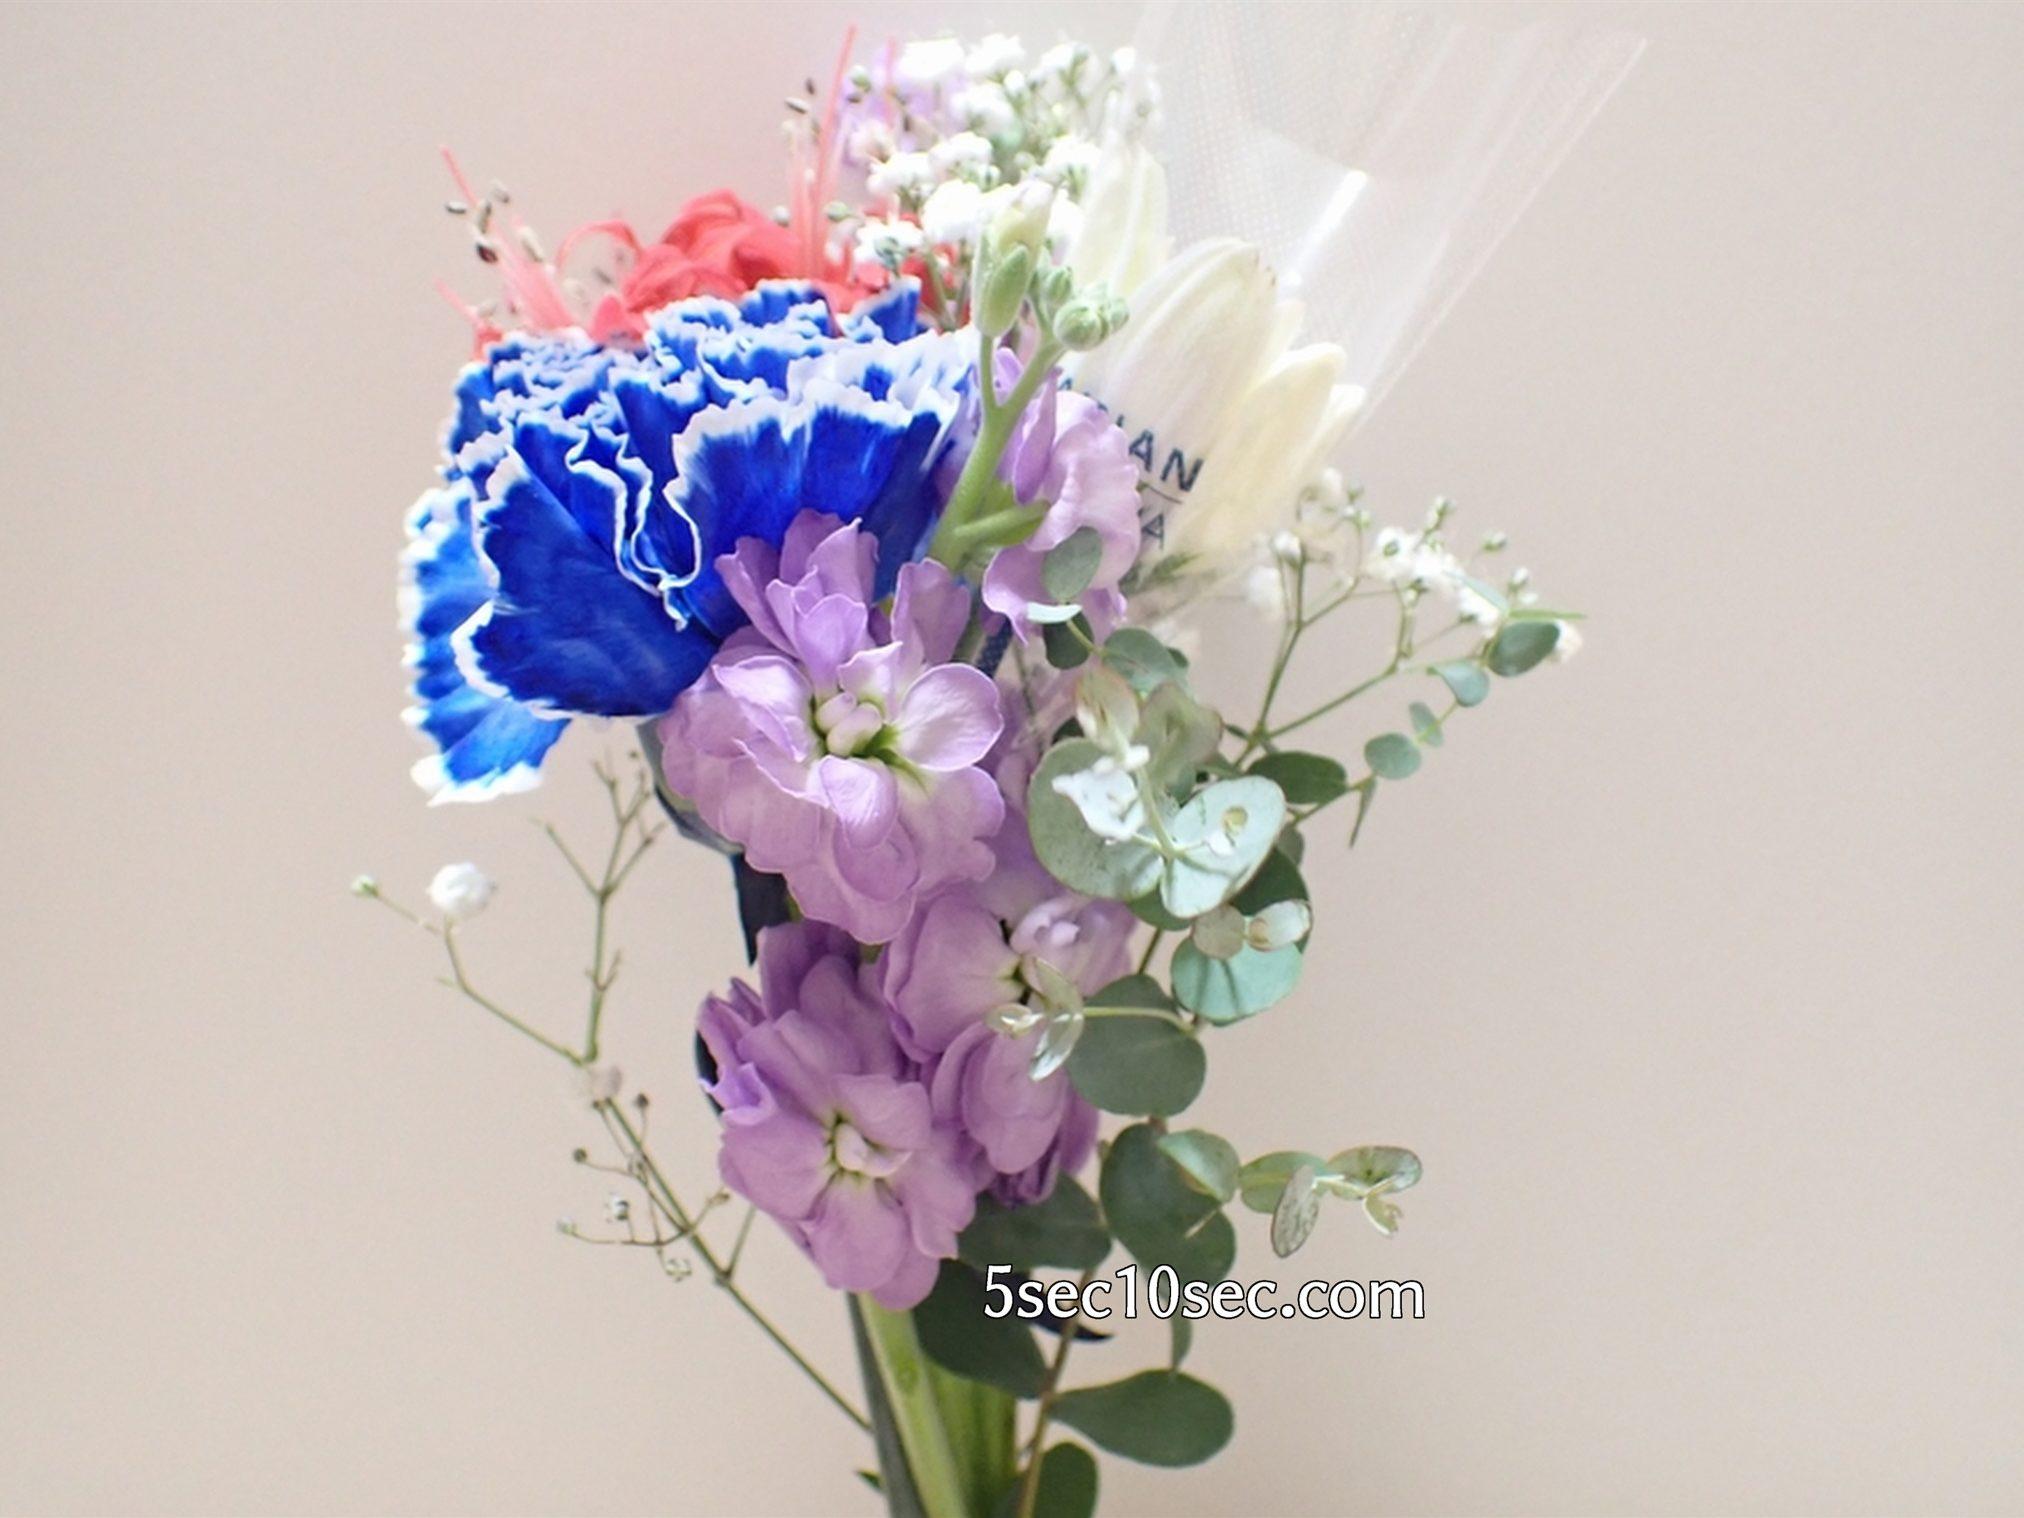 株式会社Crunch Style お花の定期便 Bloomee LIFE ブルーミーライフ 800円のレギュラープラン ダイヤモンドリリー、ガーベラ、ストック、染めカーネーション(青)、カスミソウ、グニユーカリの合計で6種類のお花とグリーンが届きました